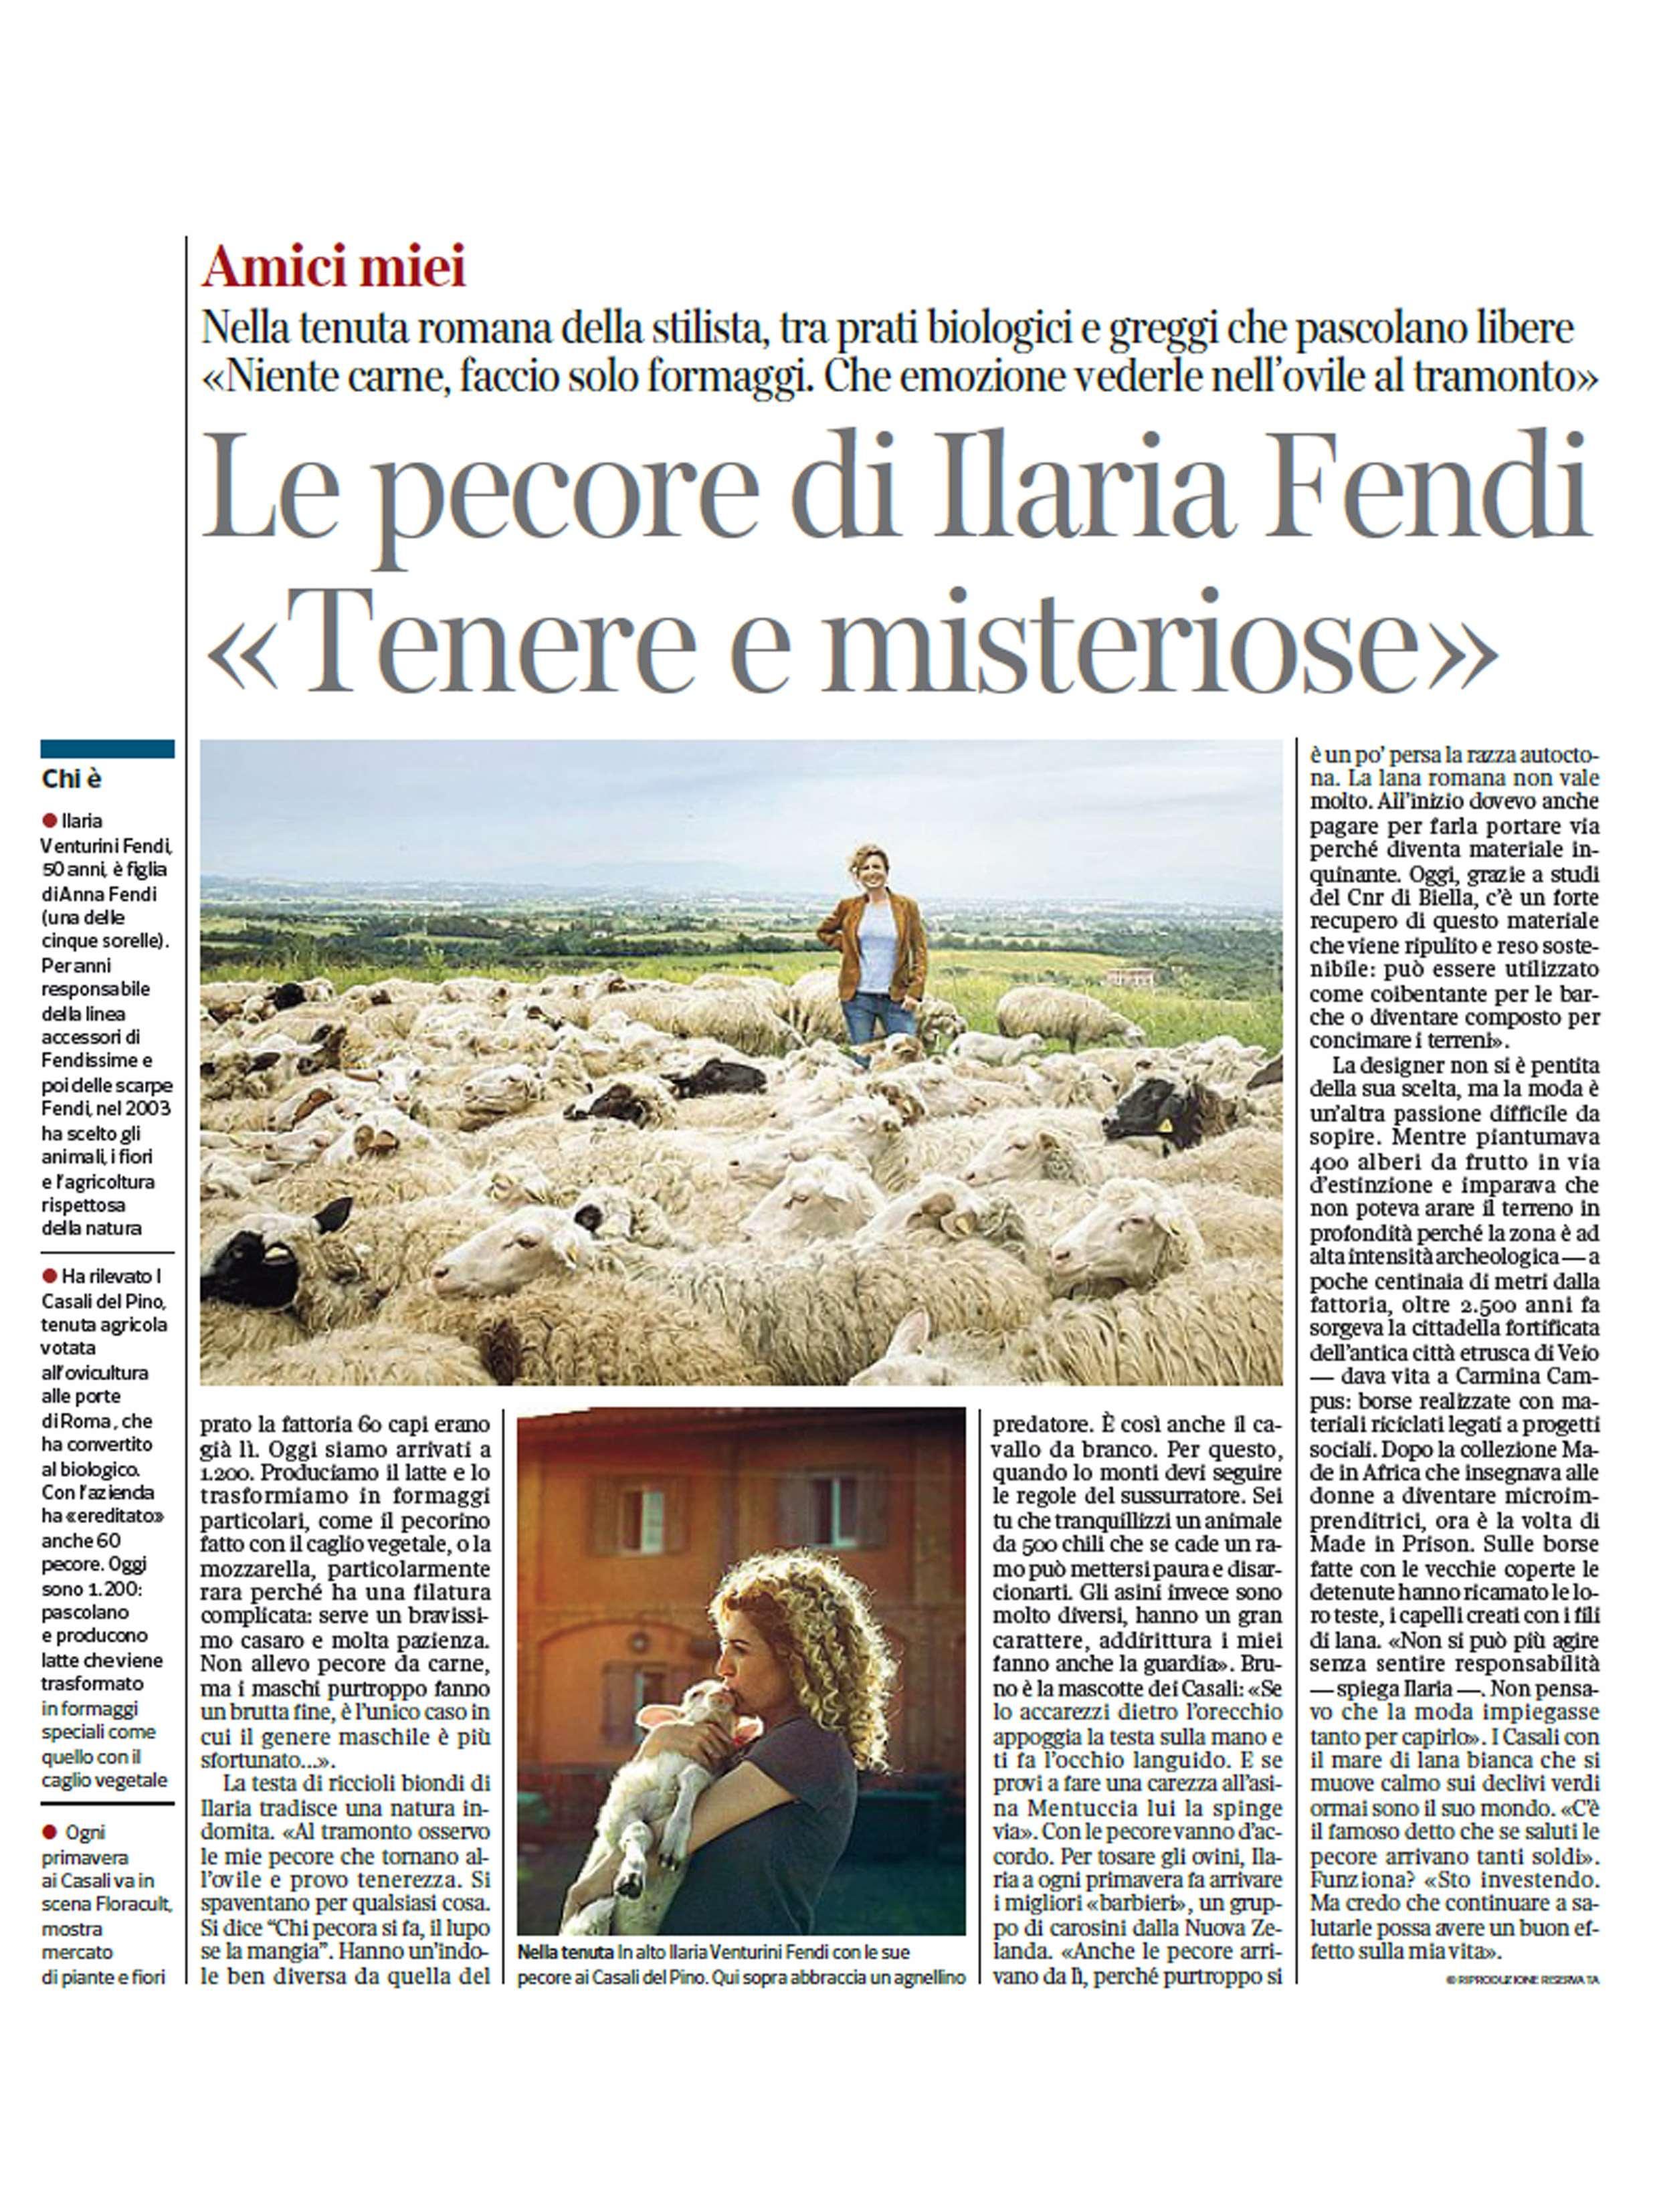 Corriere della Sera ITA 2016-8-3 pag 24